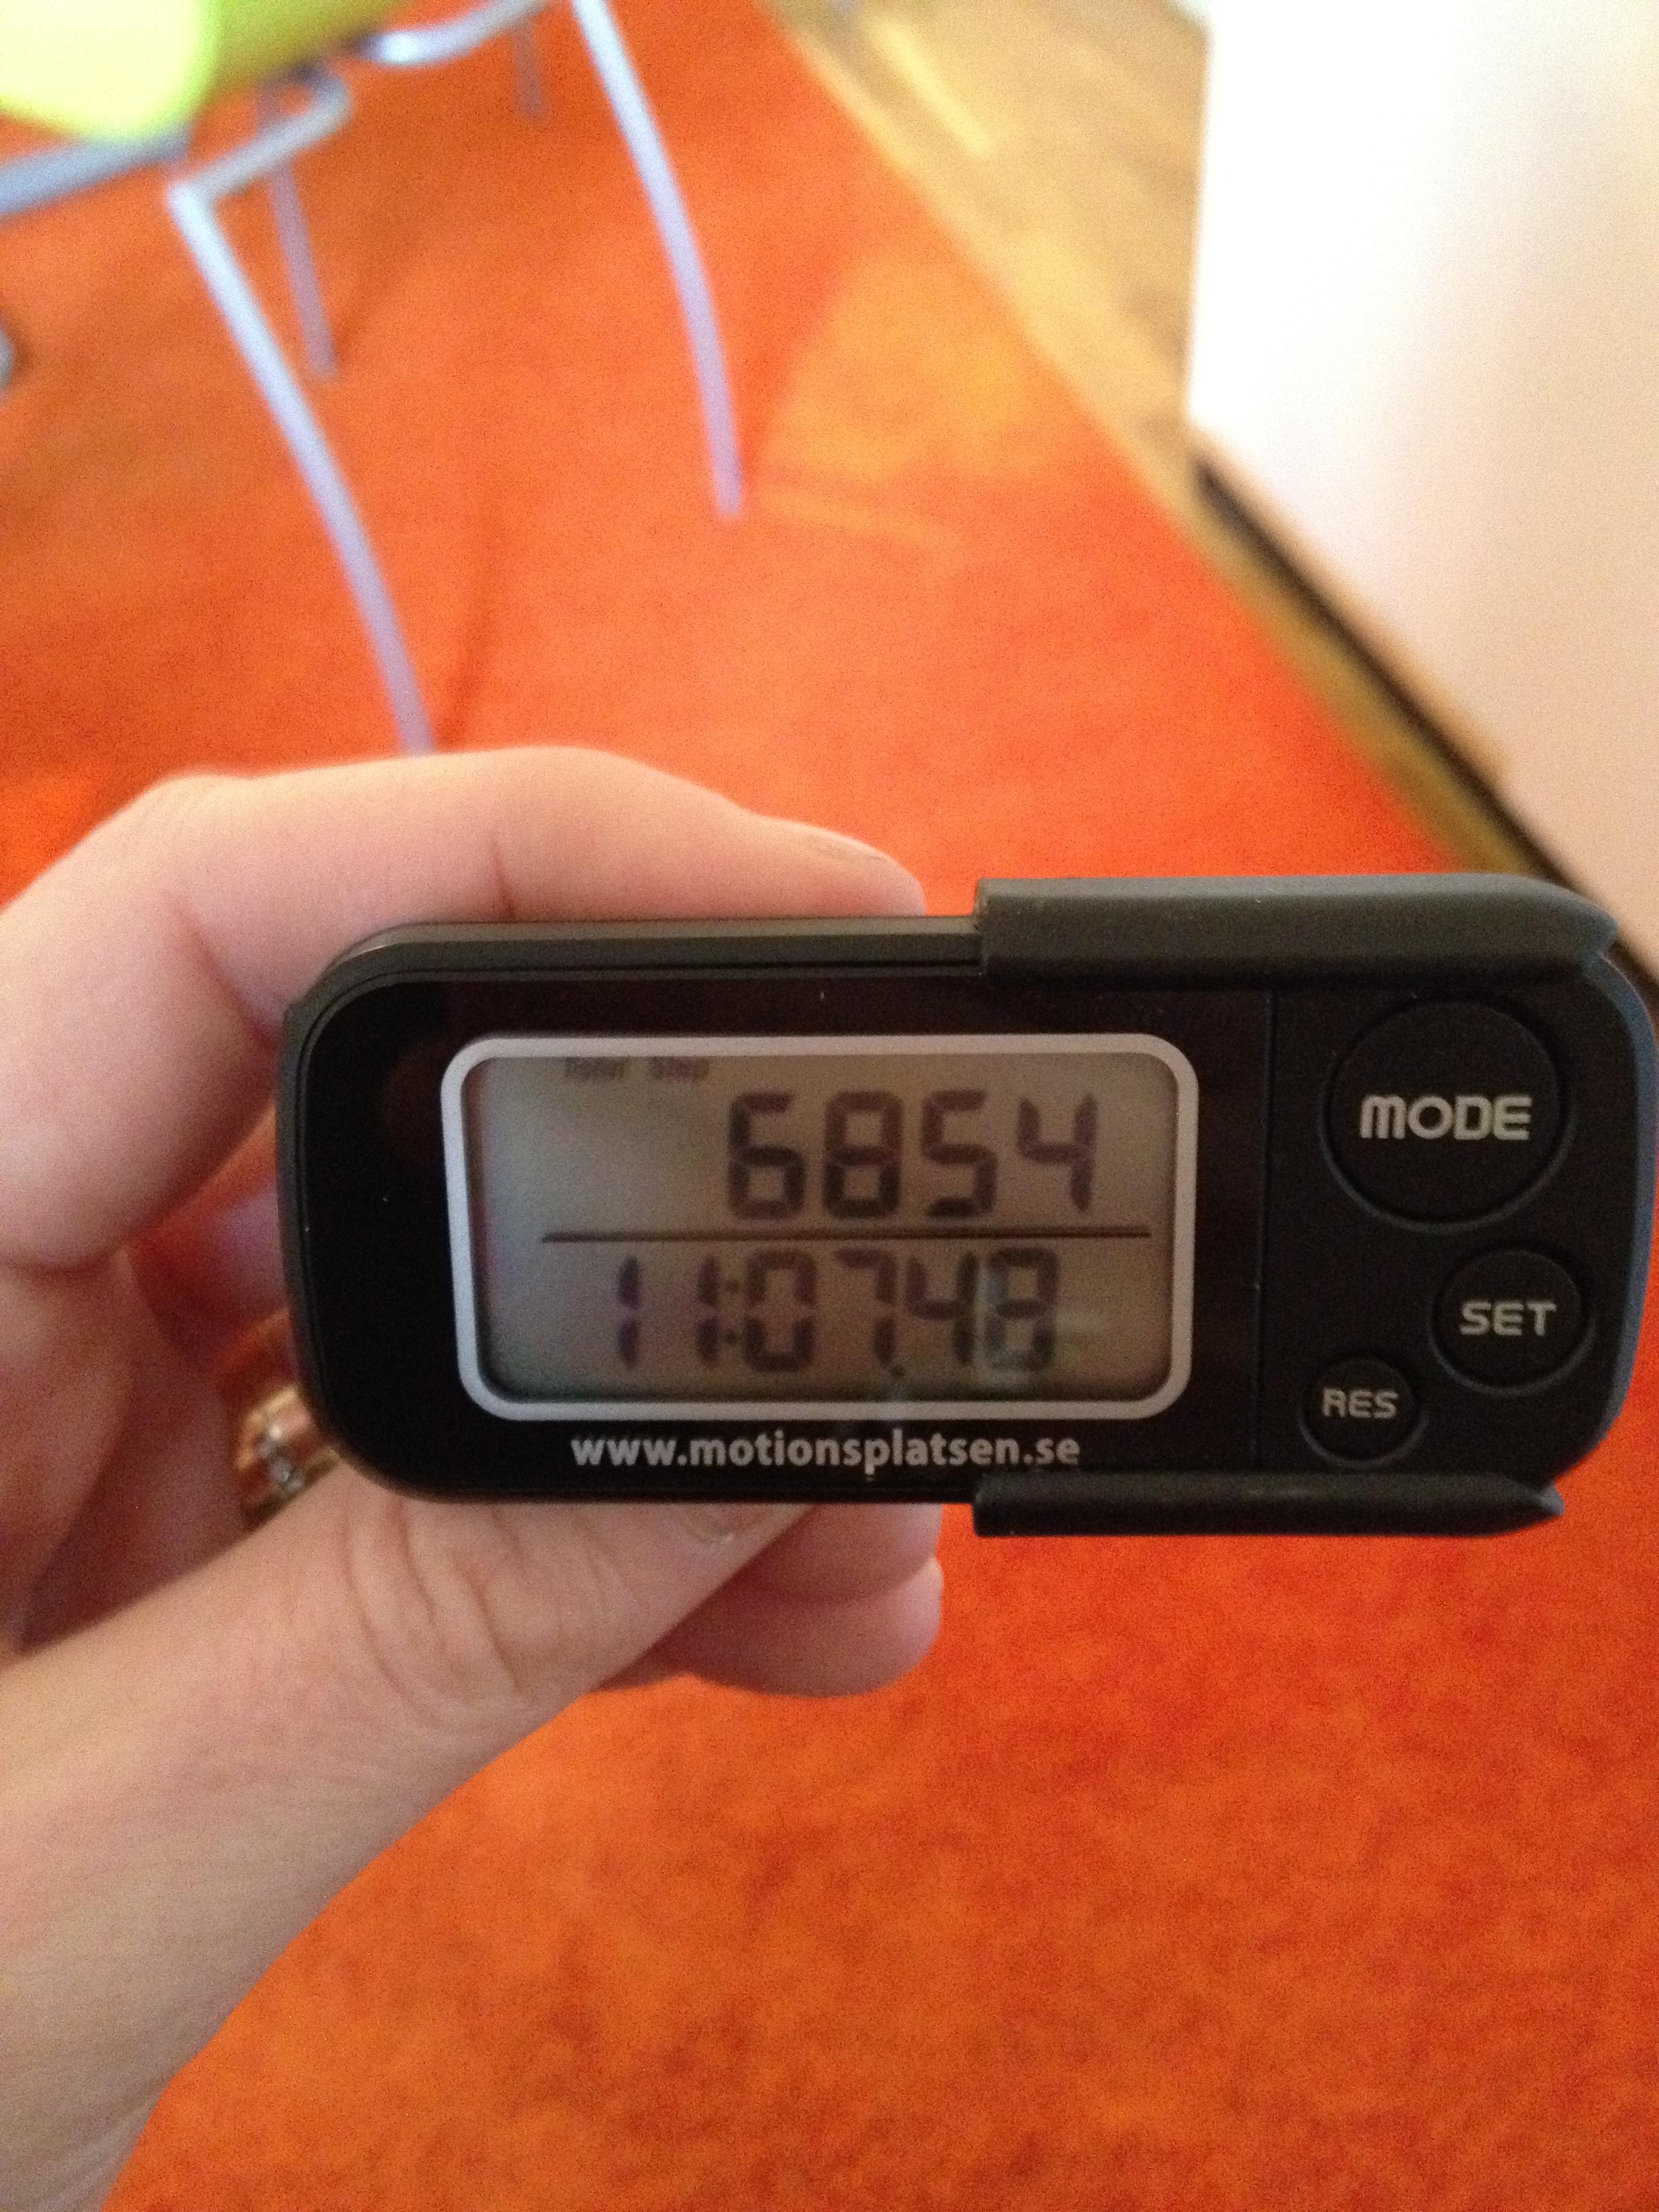 Klockan 11 hade jag gått 6854 steg. En rätt bra början.